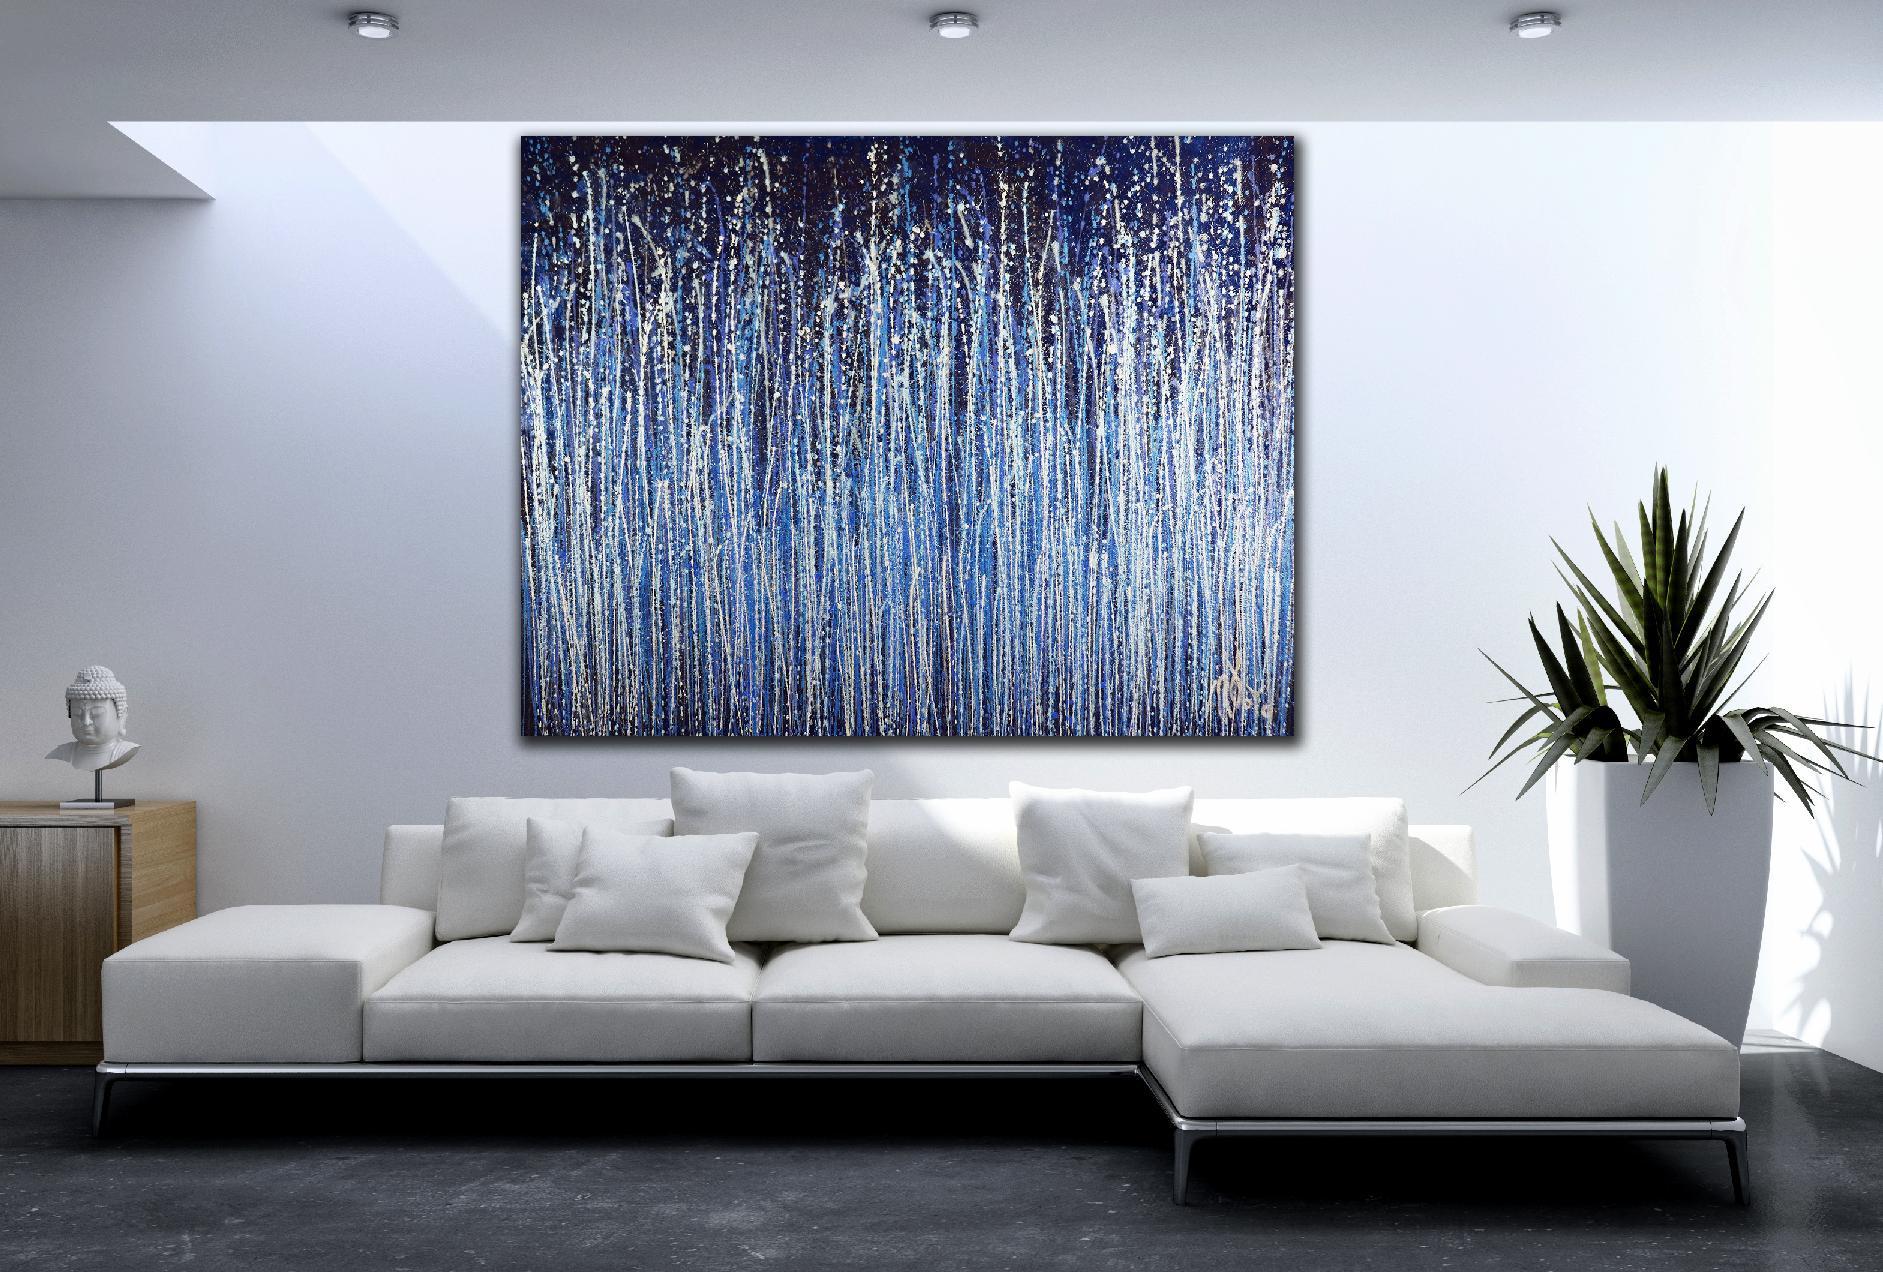 Room View - Daydream panorama (Natures imagery) 11 (2020) by Nestor Toro